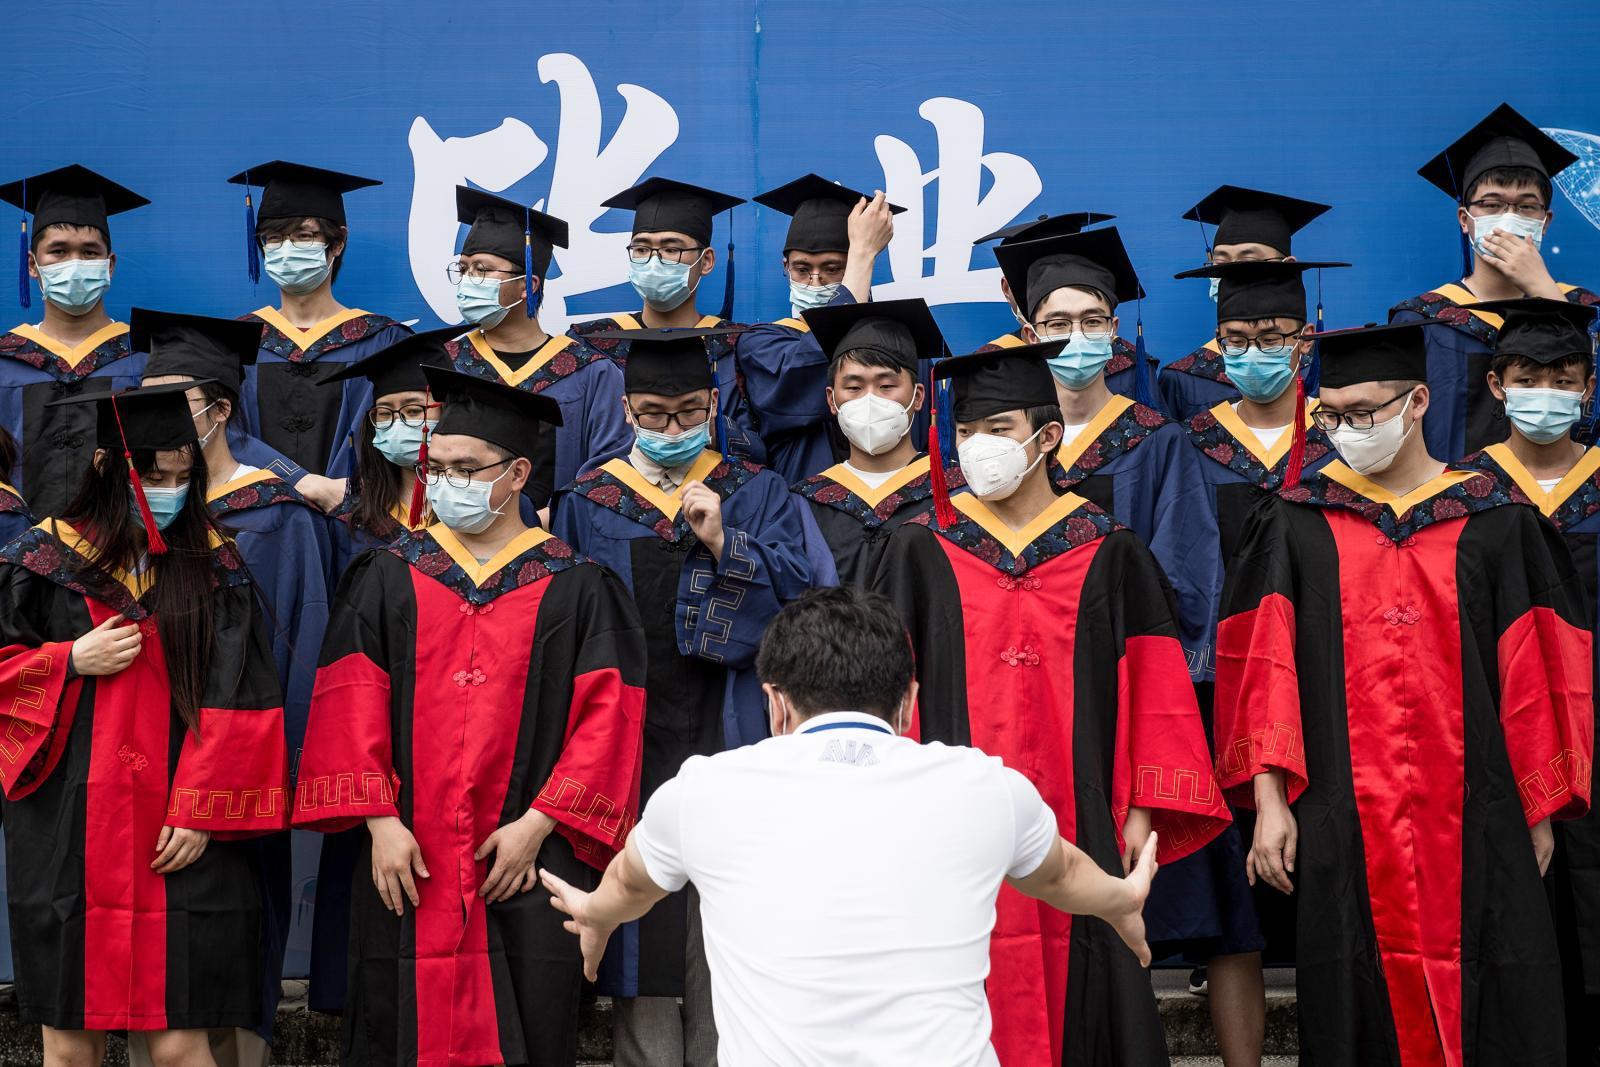 """จีน ติดอันดับ """"มหาวิทยาลัยดีสุดในโลก"""" เพิ่มขึ้น!"""